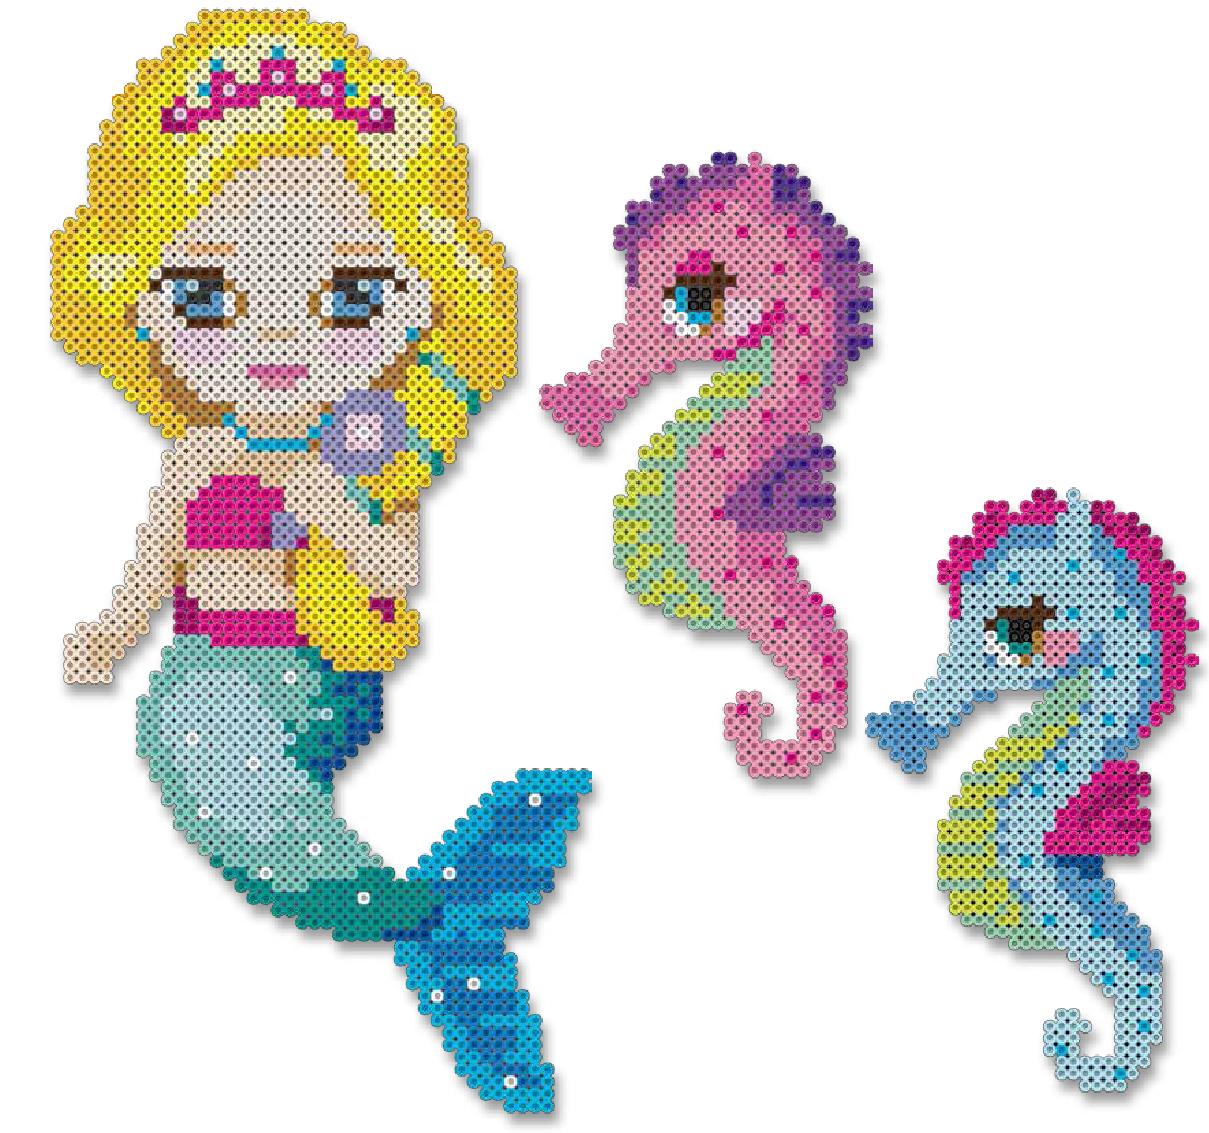 Mini-Beads-Mermaid-and-Seahorses_페이지_i.png